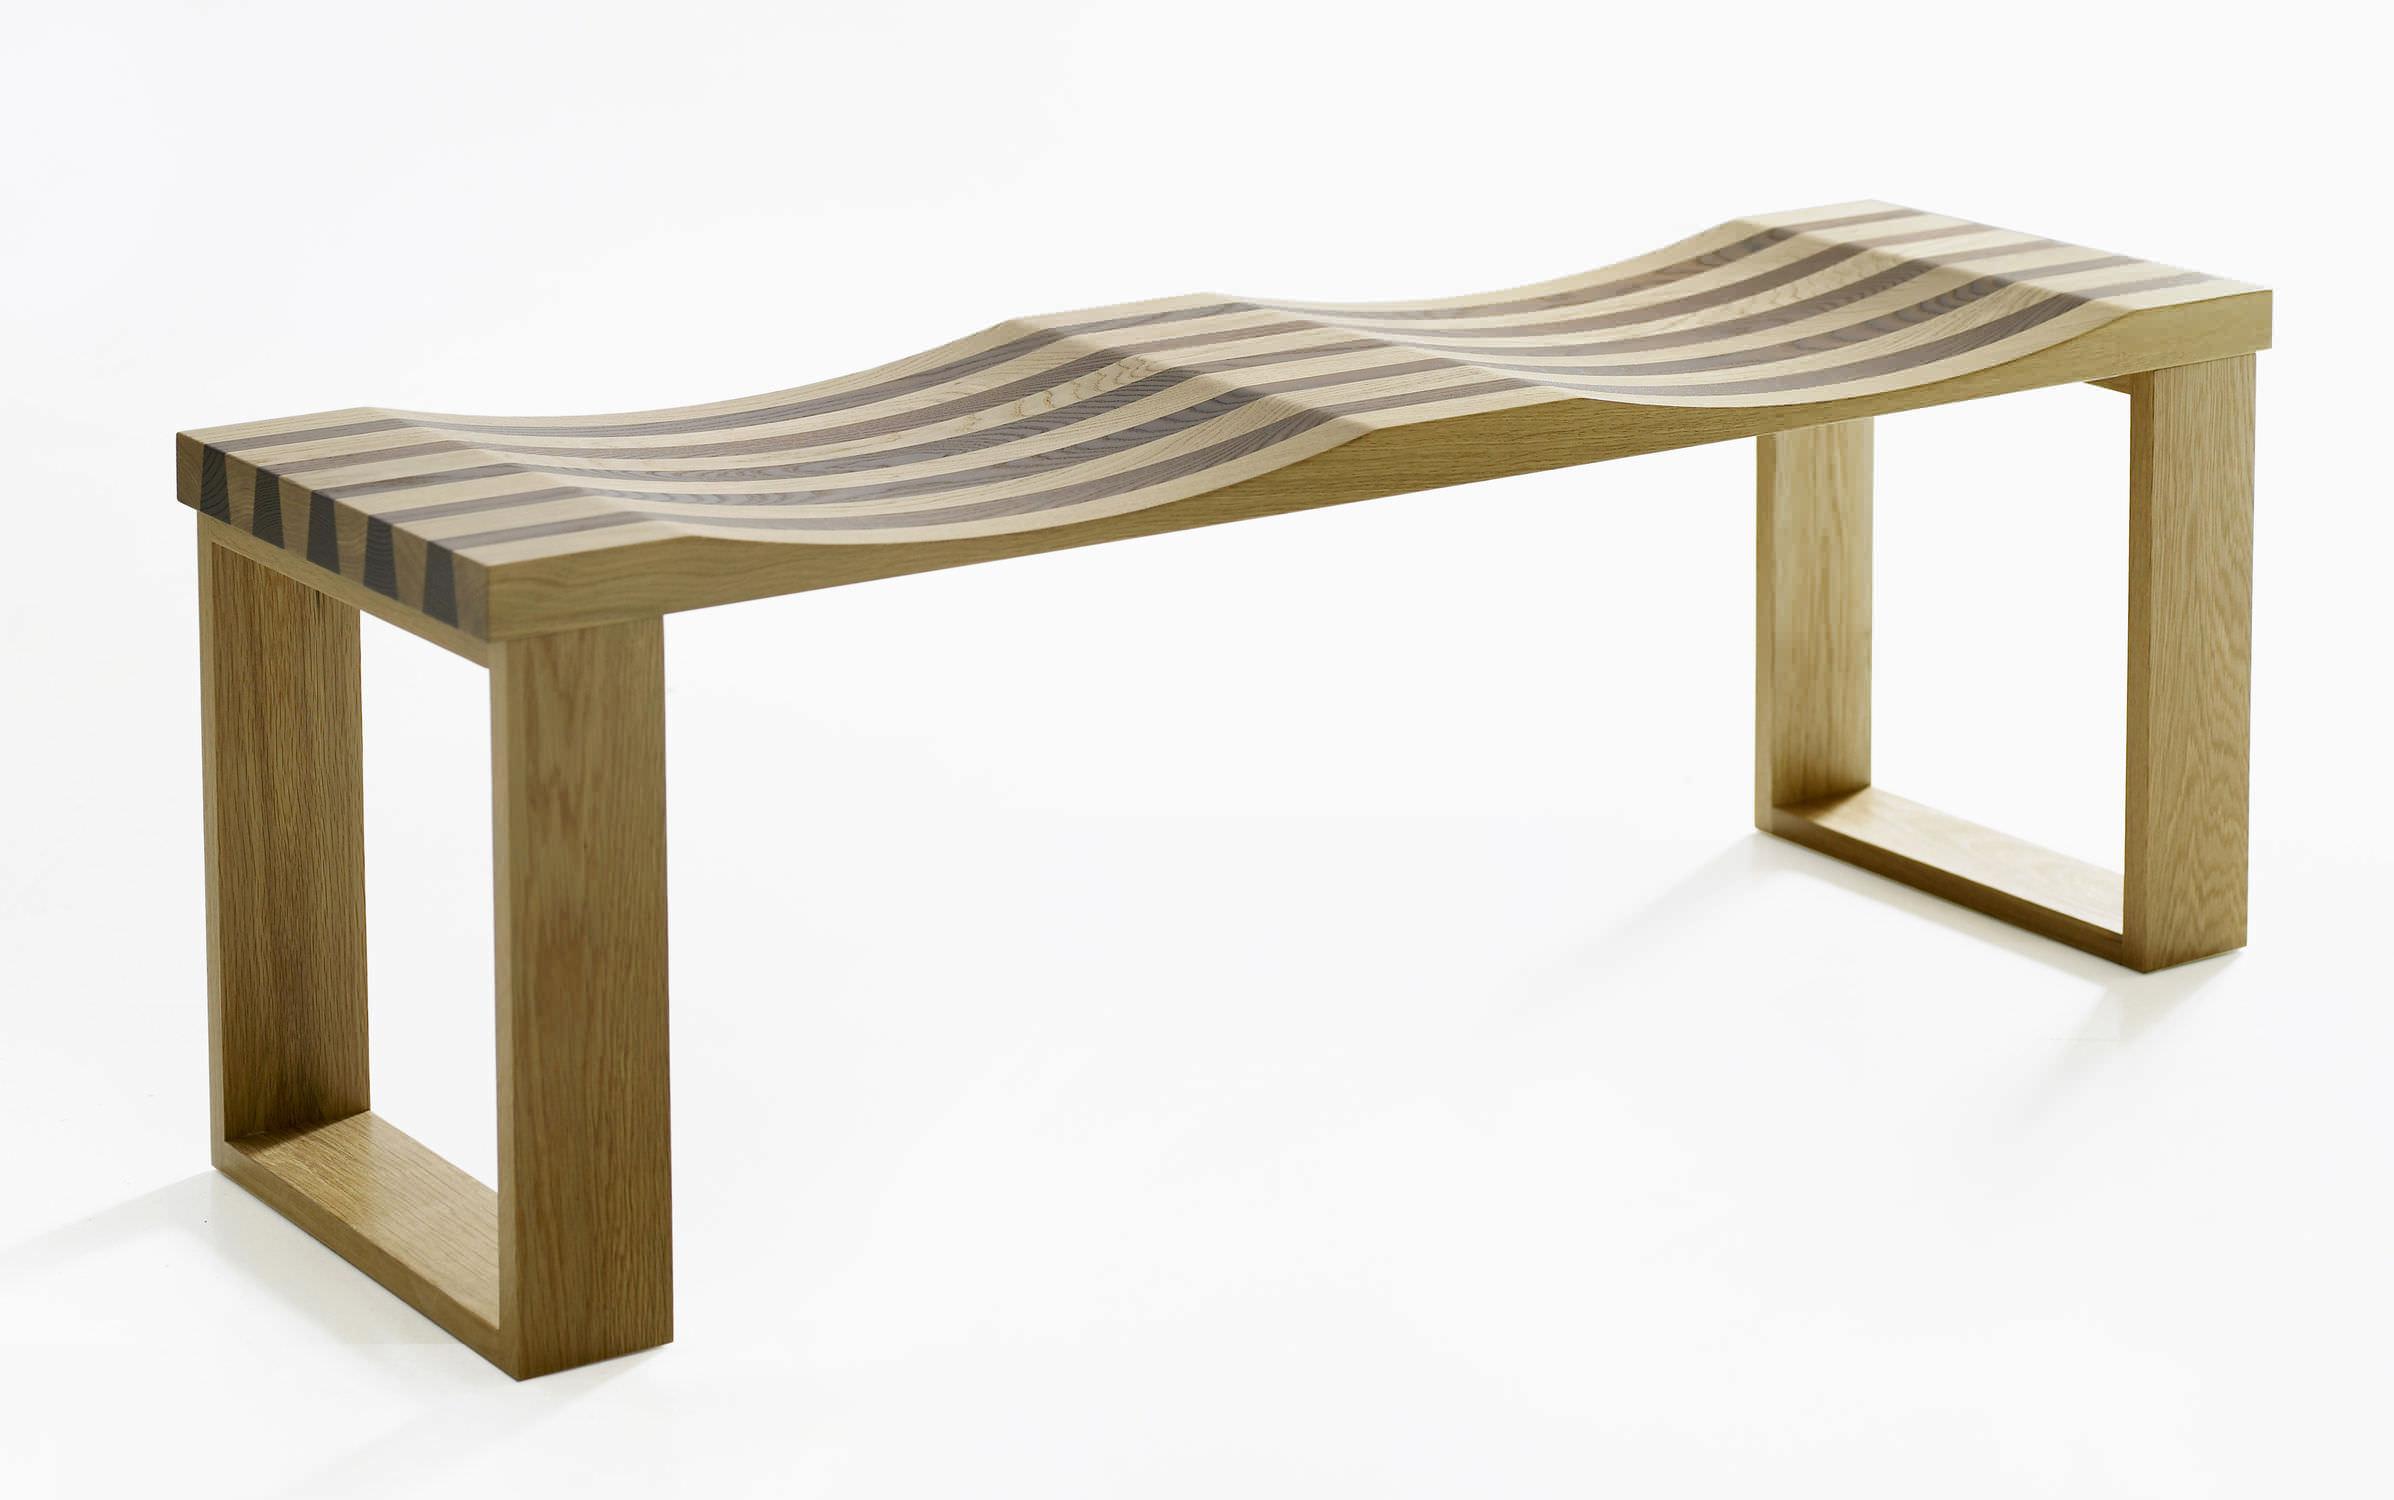 Banc contemporain / en bois / modulaire - SIDEBYSIDE by Filip ...